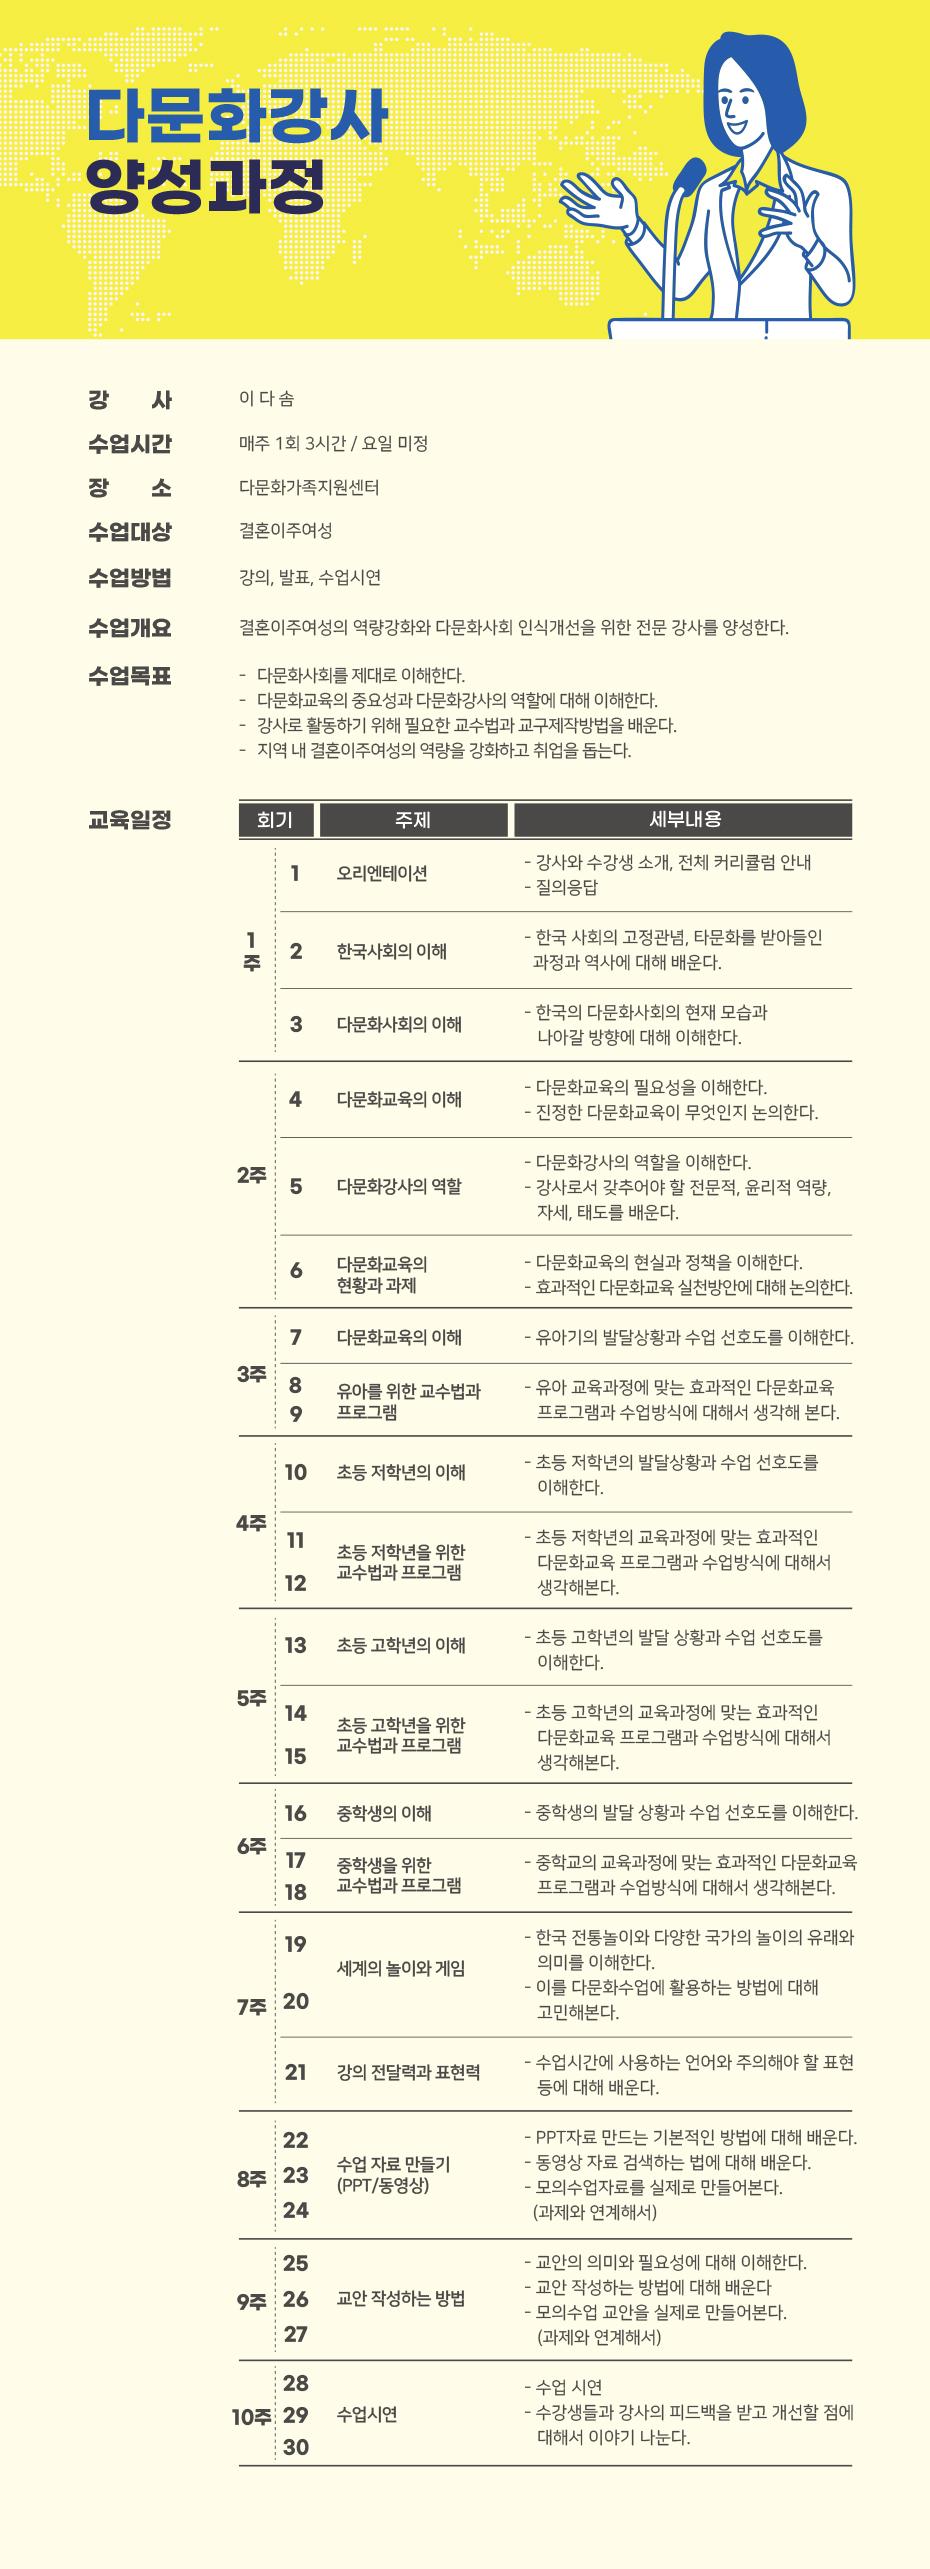 02-04_다문화강사 양성과정-1.jpg